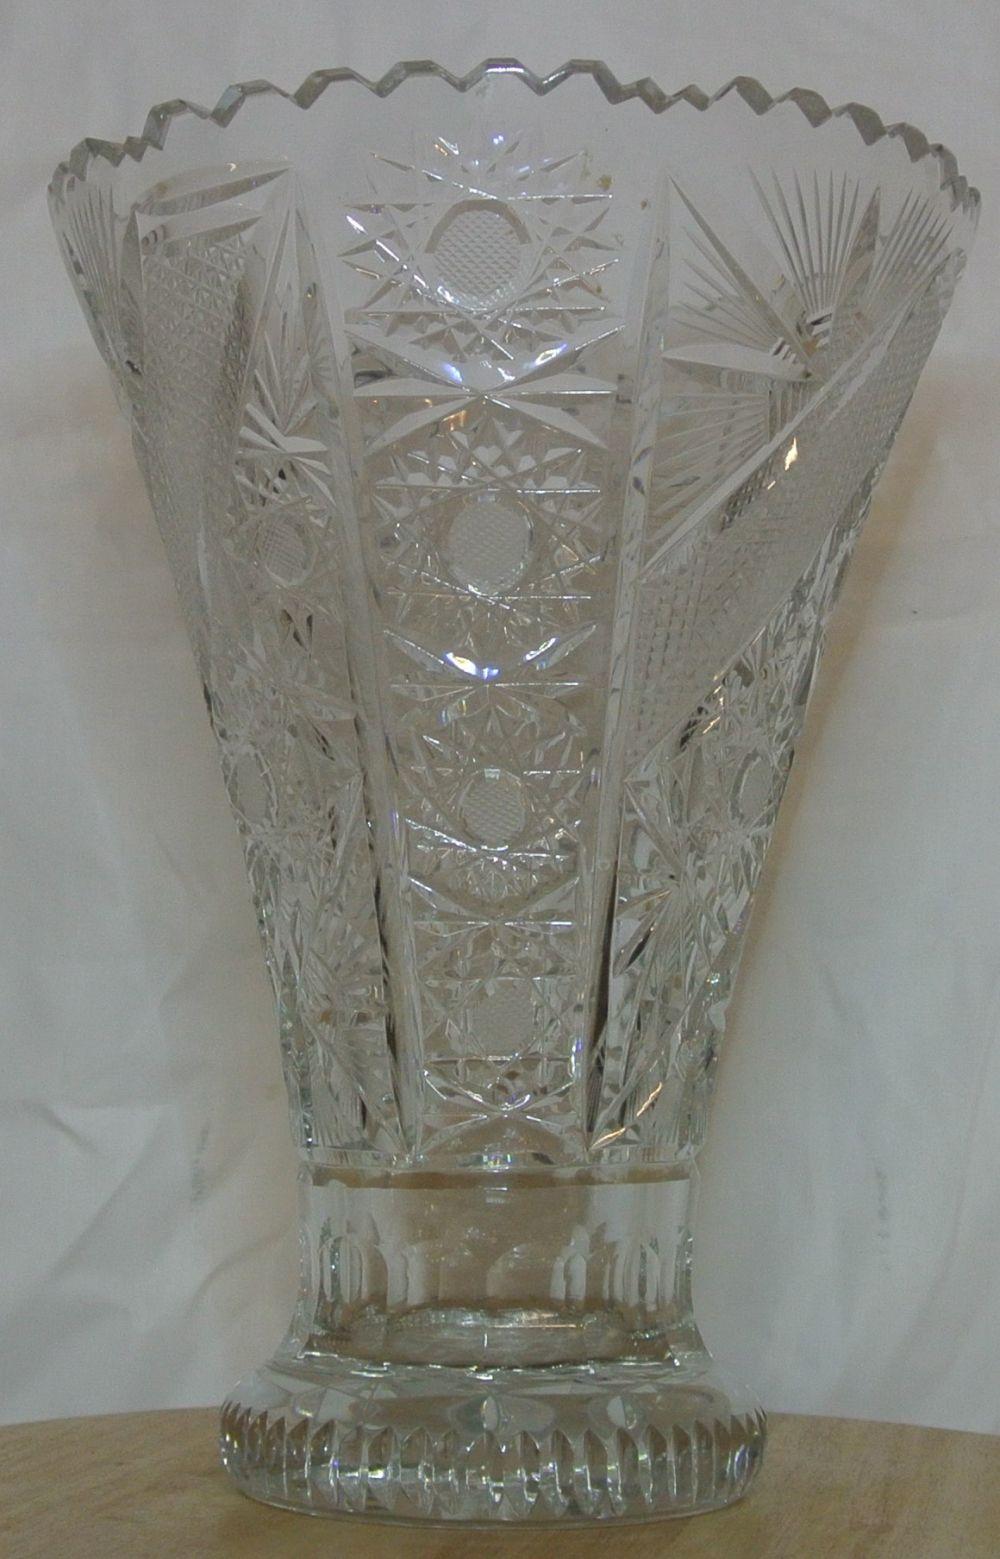 Lot 65: A large antique crystal vase